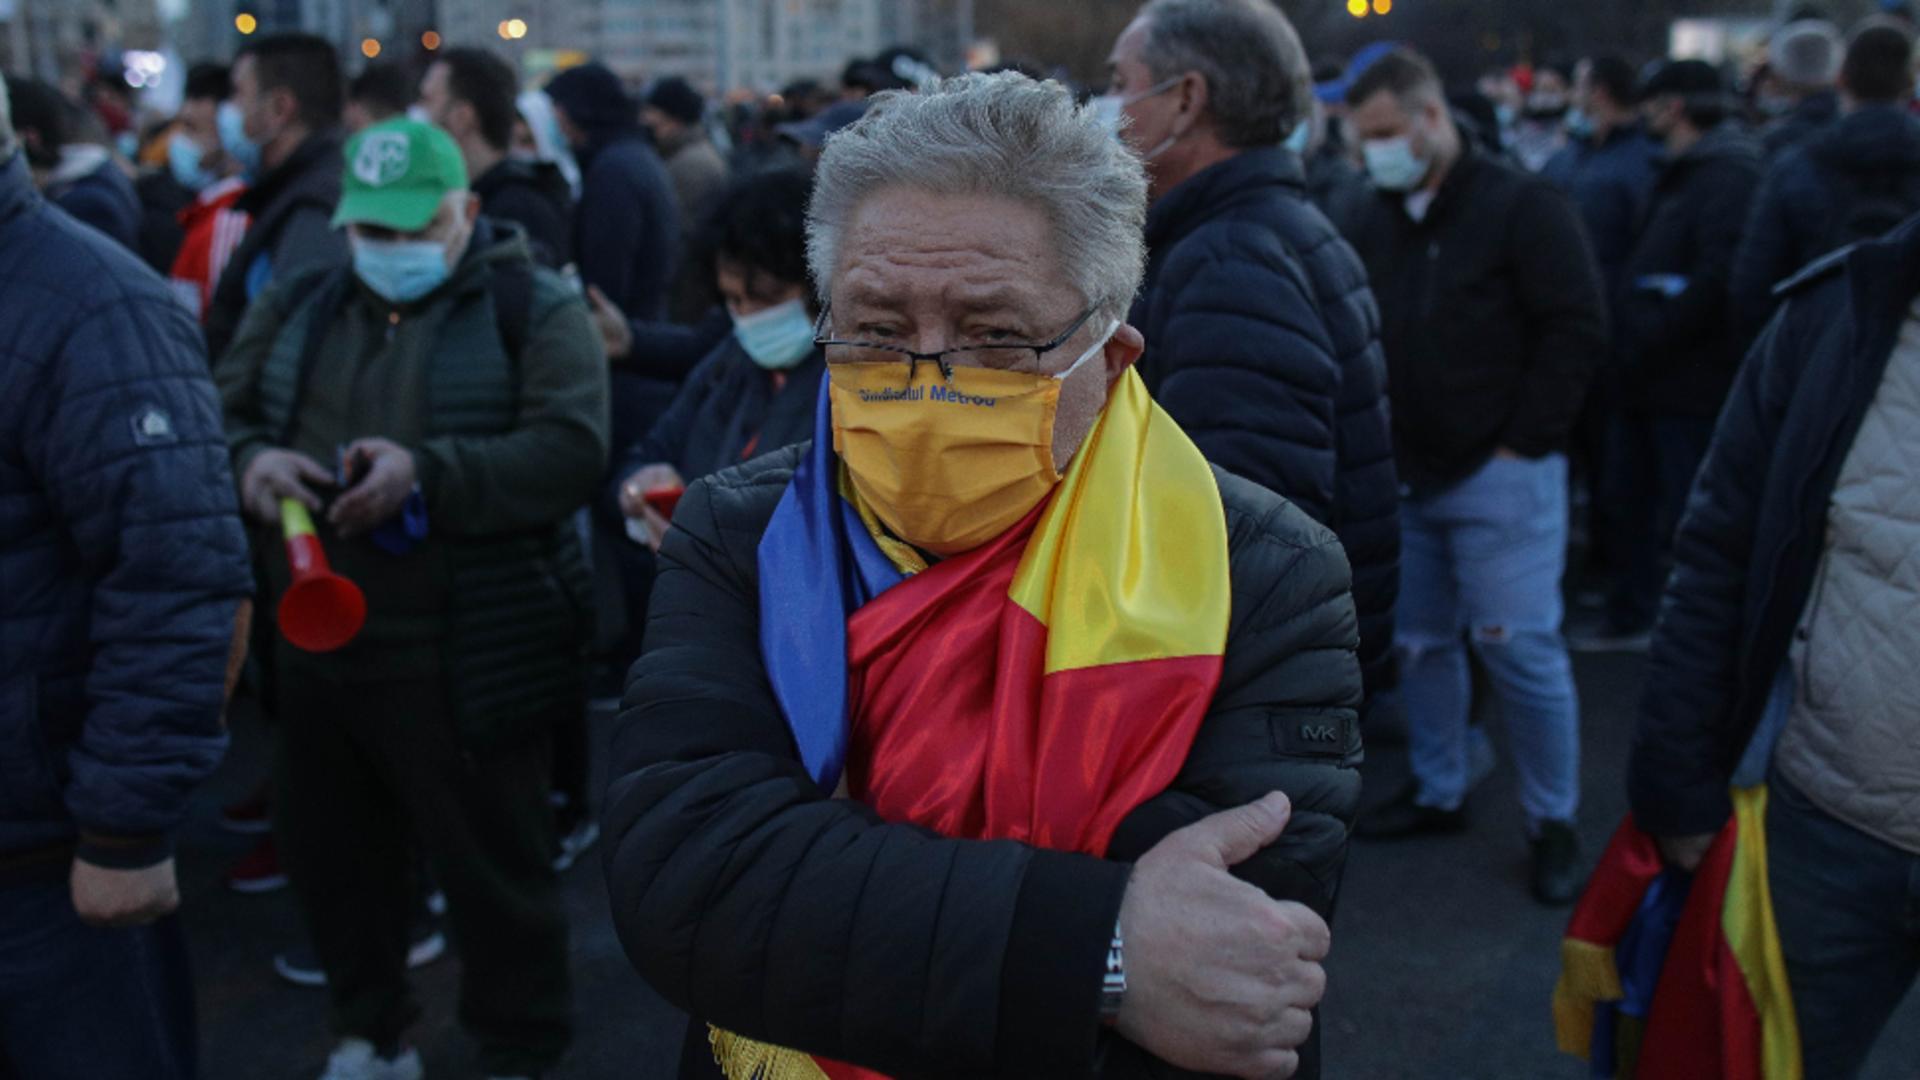 Ion Rădoi, liderul sindicatului de la Metroul bucureștean, la protestul anti-restricții, 29 martie 2021 Foto: InquamPhotos/Octav Ganea